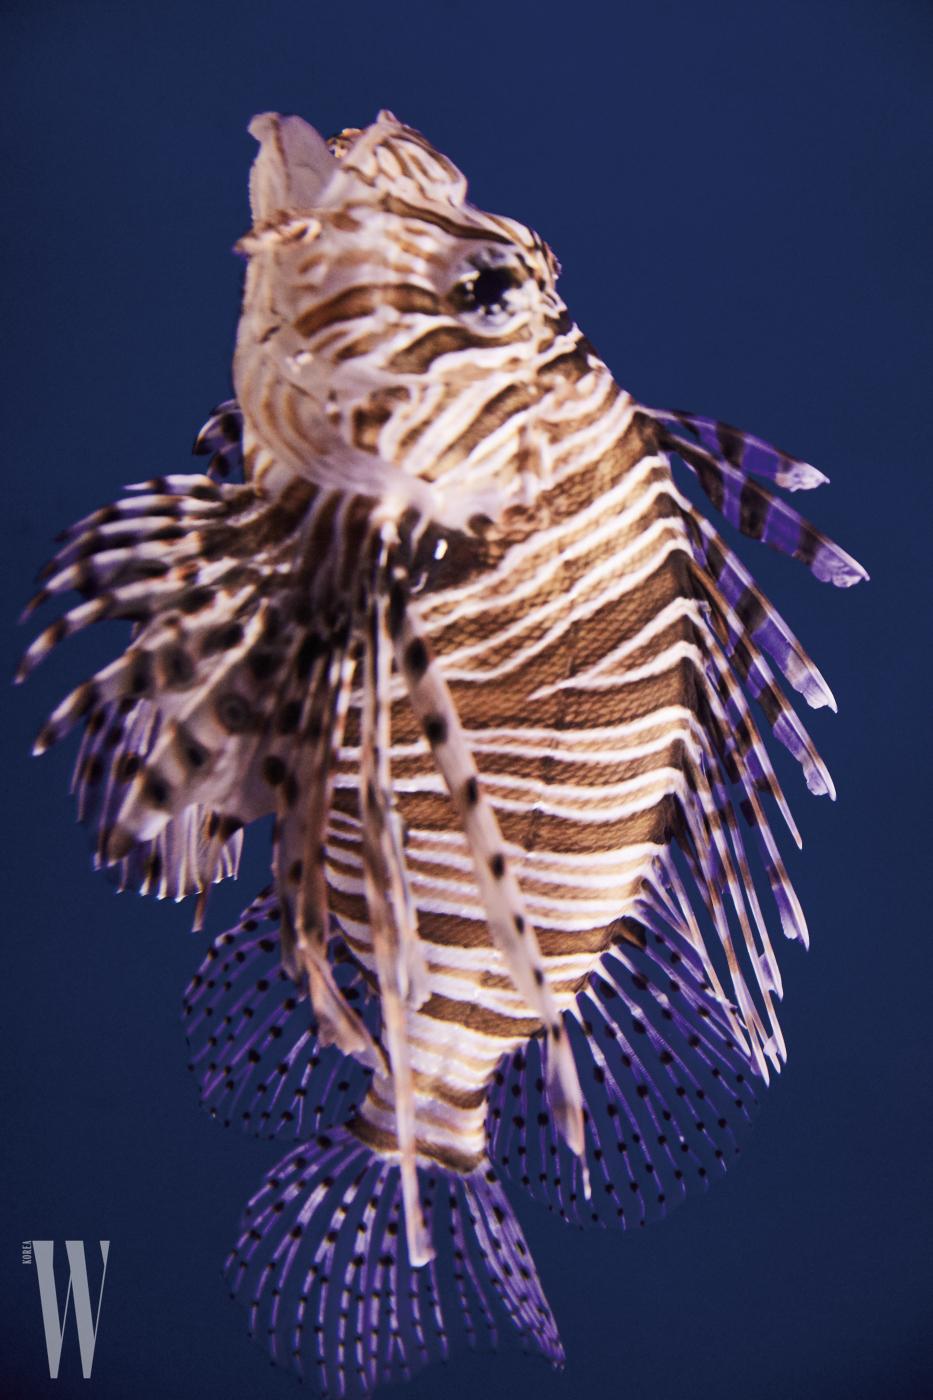 가시처럼 뾰족한 지느러미를 가진 쏨배감펭 물고기.